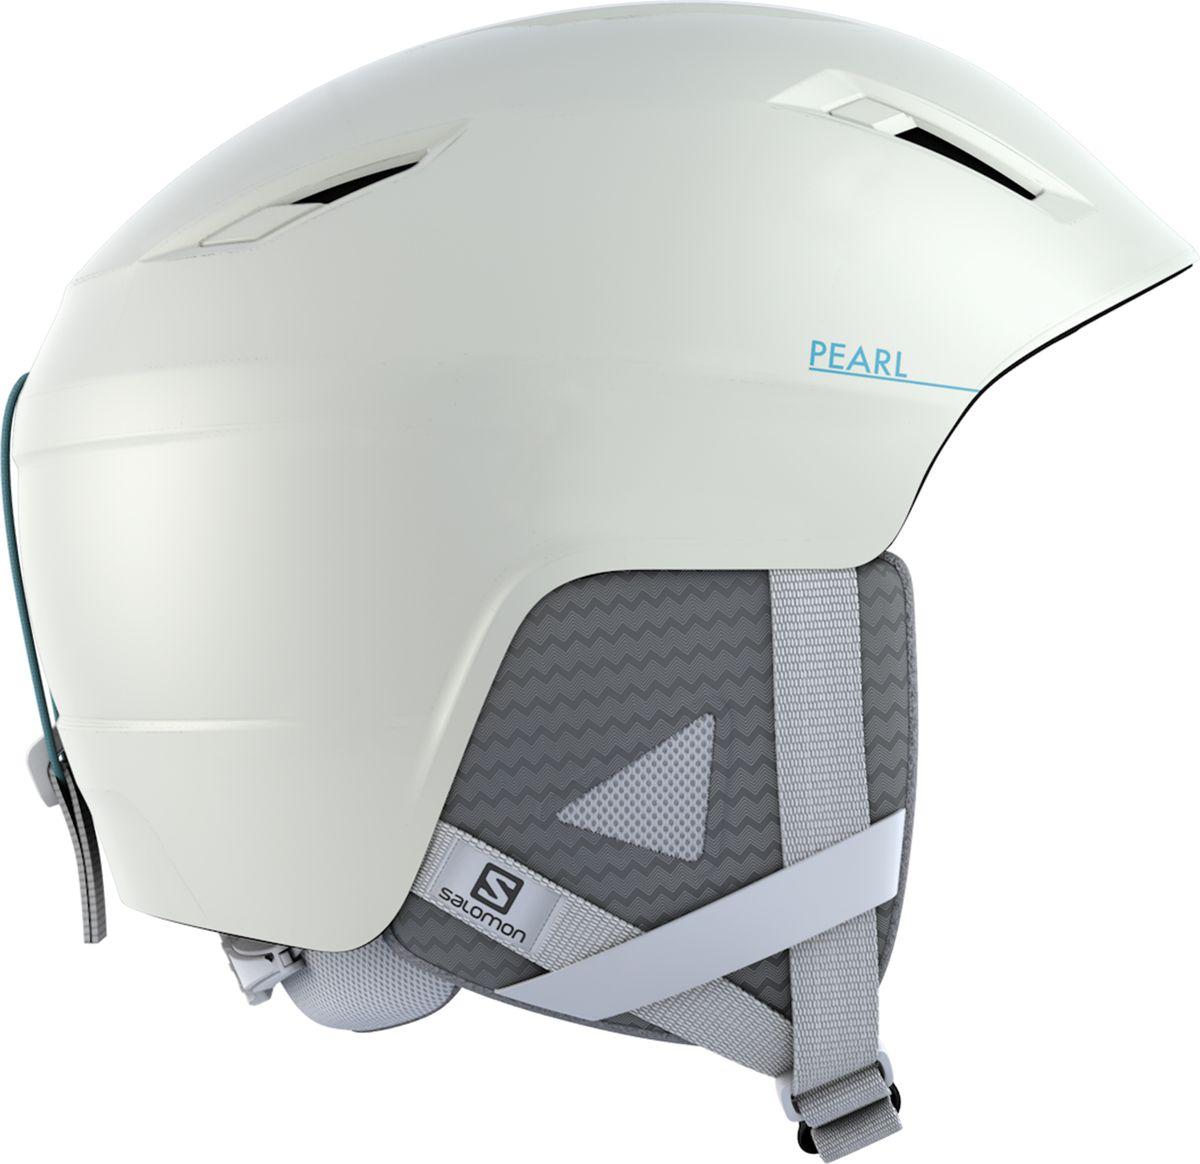 Шлем горнолыжный Salomon Pearl2+, цвет: белый. Размер M (56-59)